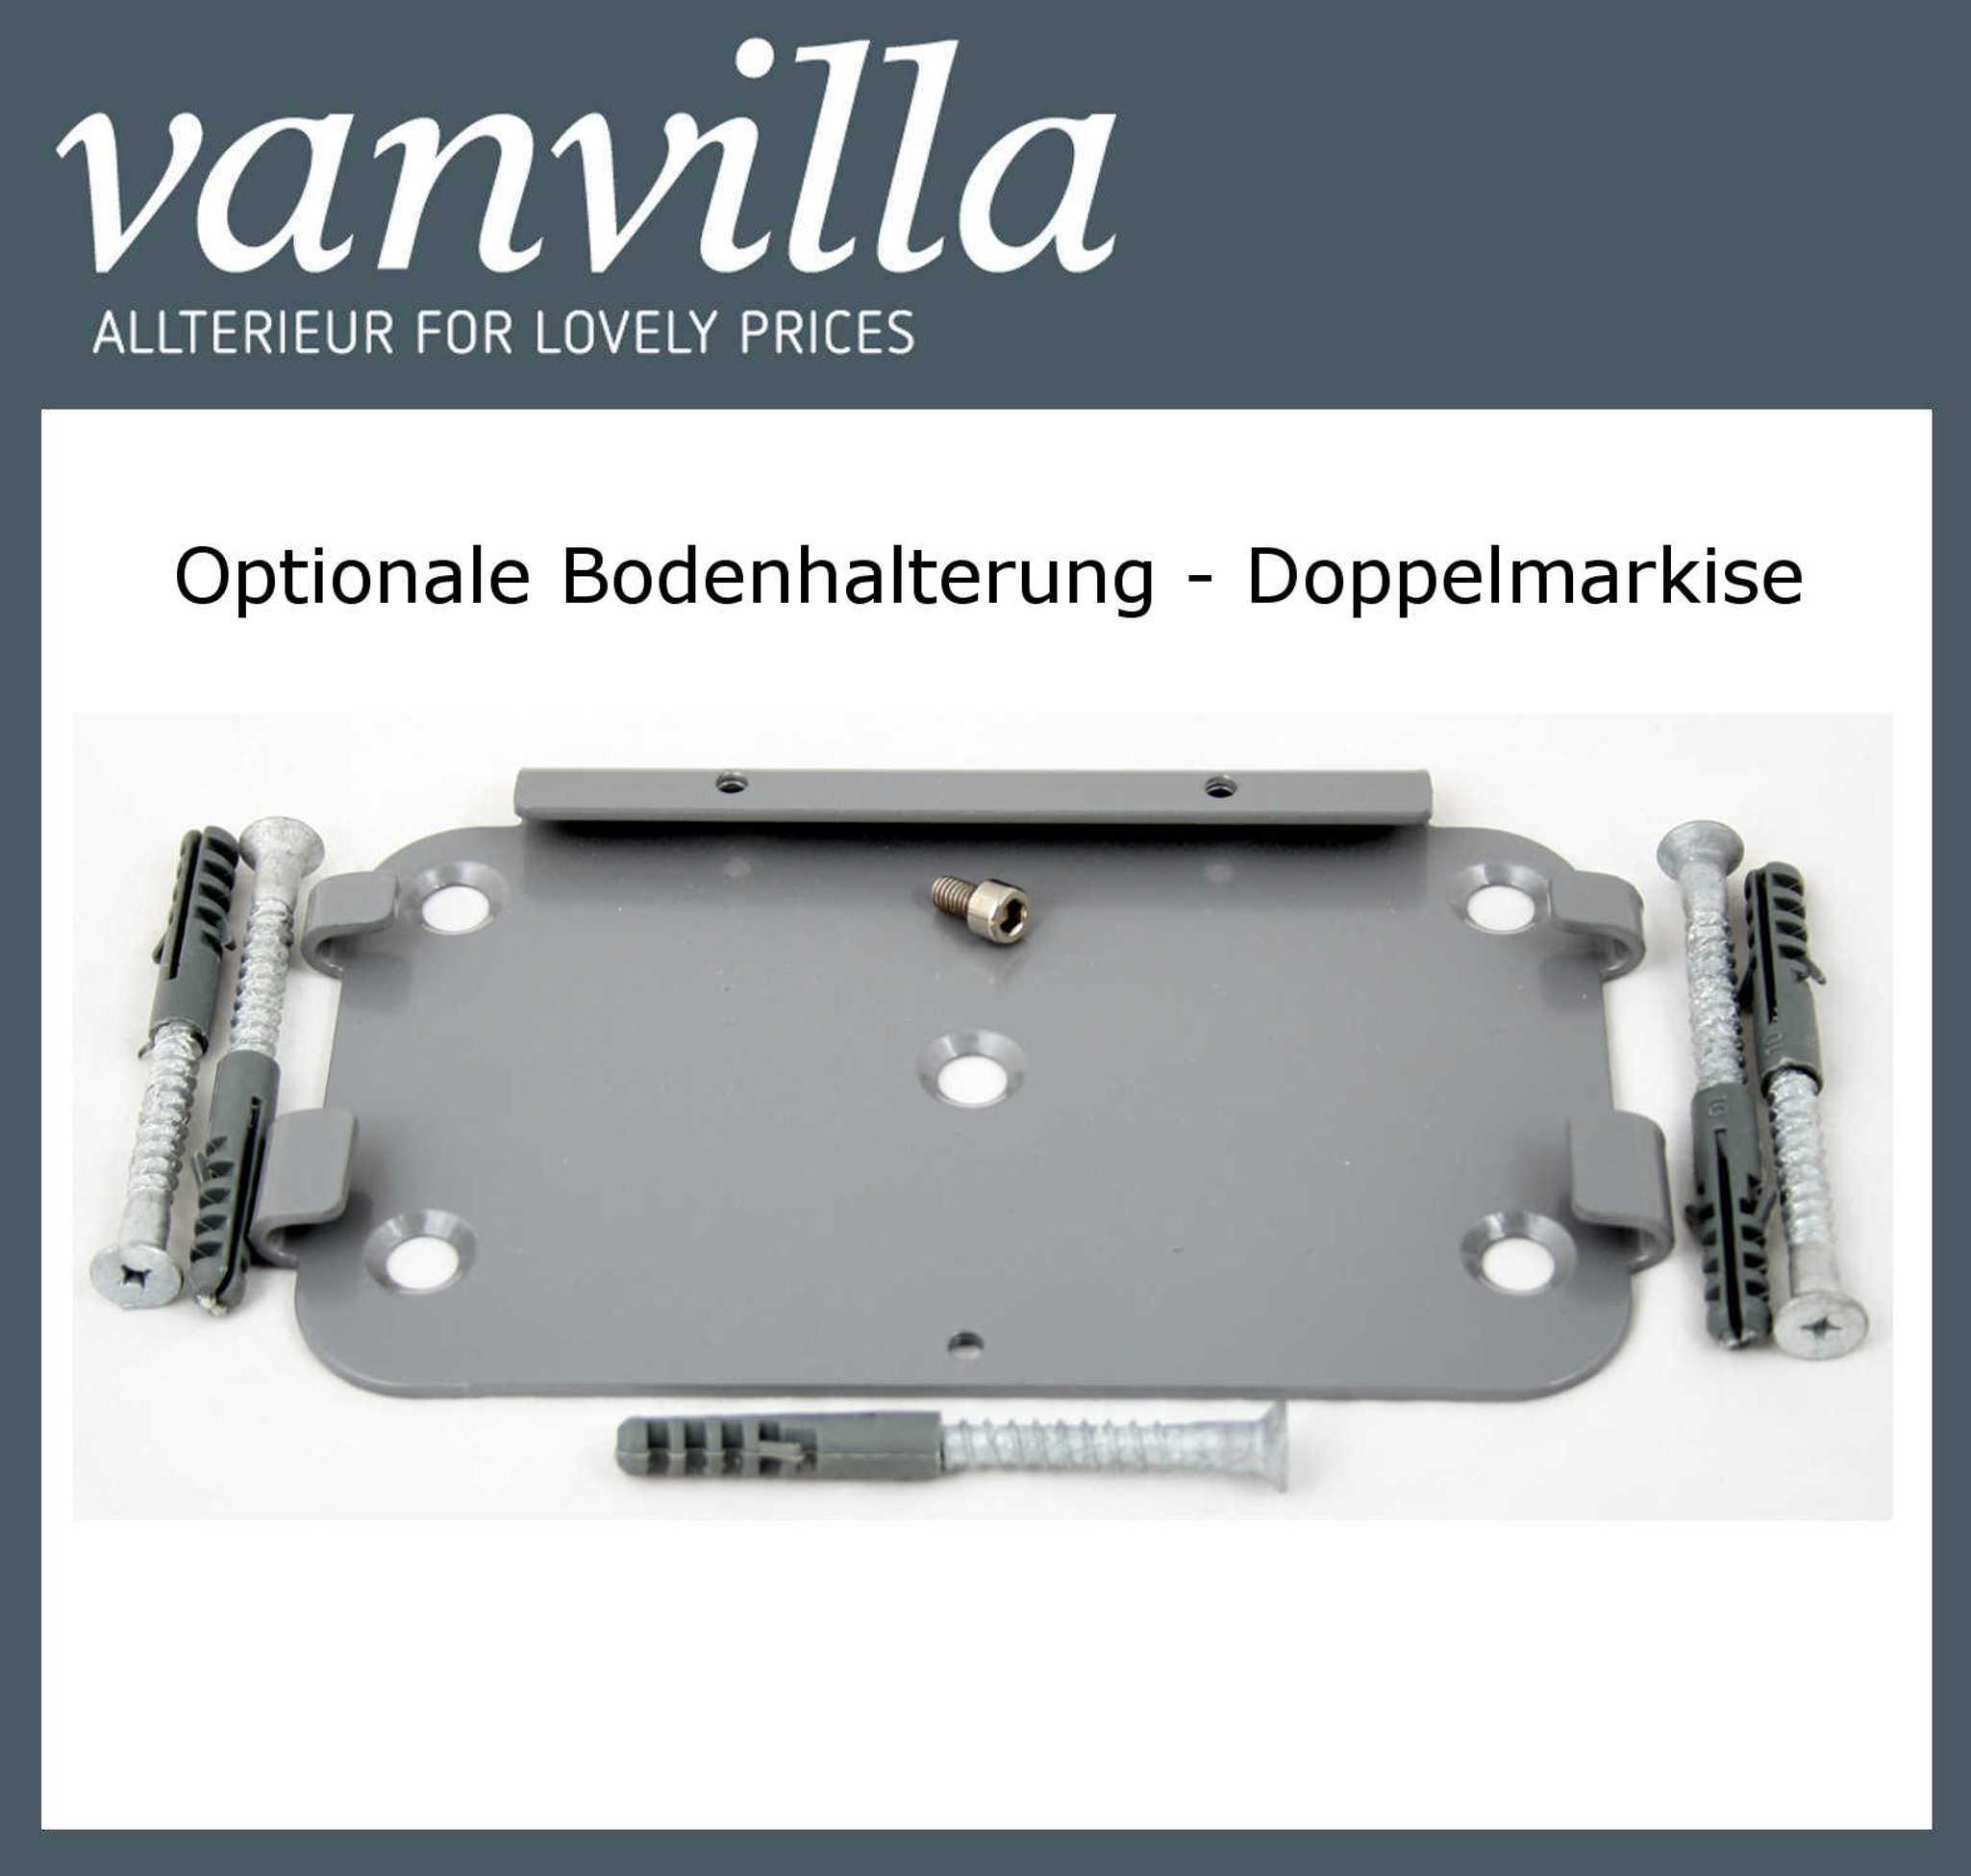 vanvilla Bodenhalterung für Doppelmarkise (Kassette) Silber